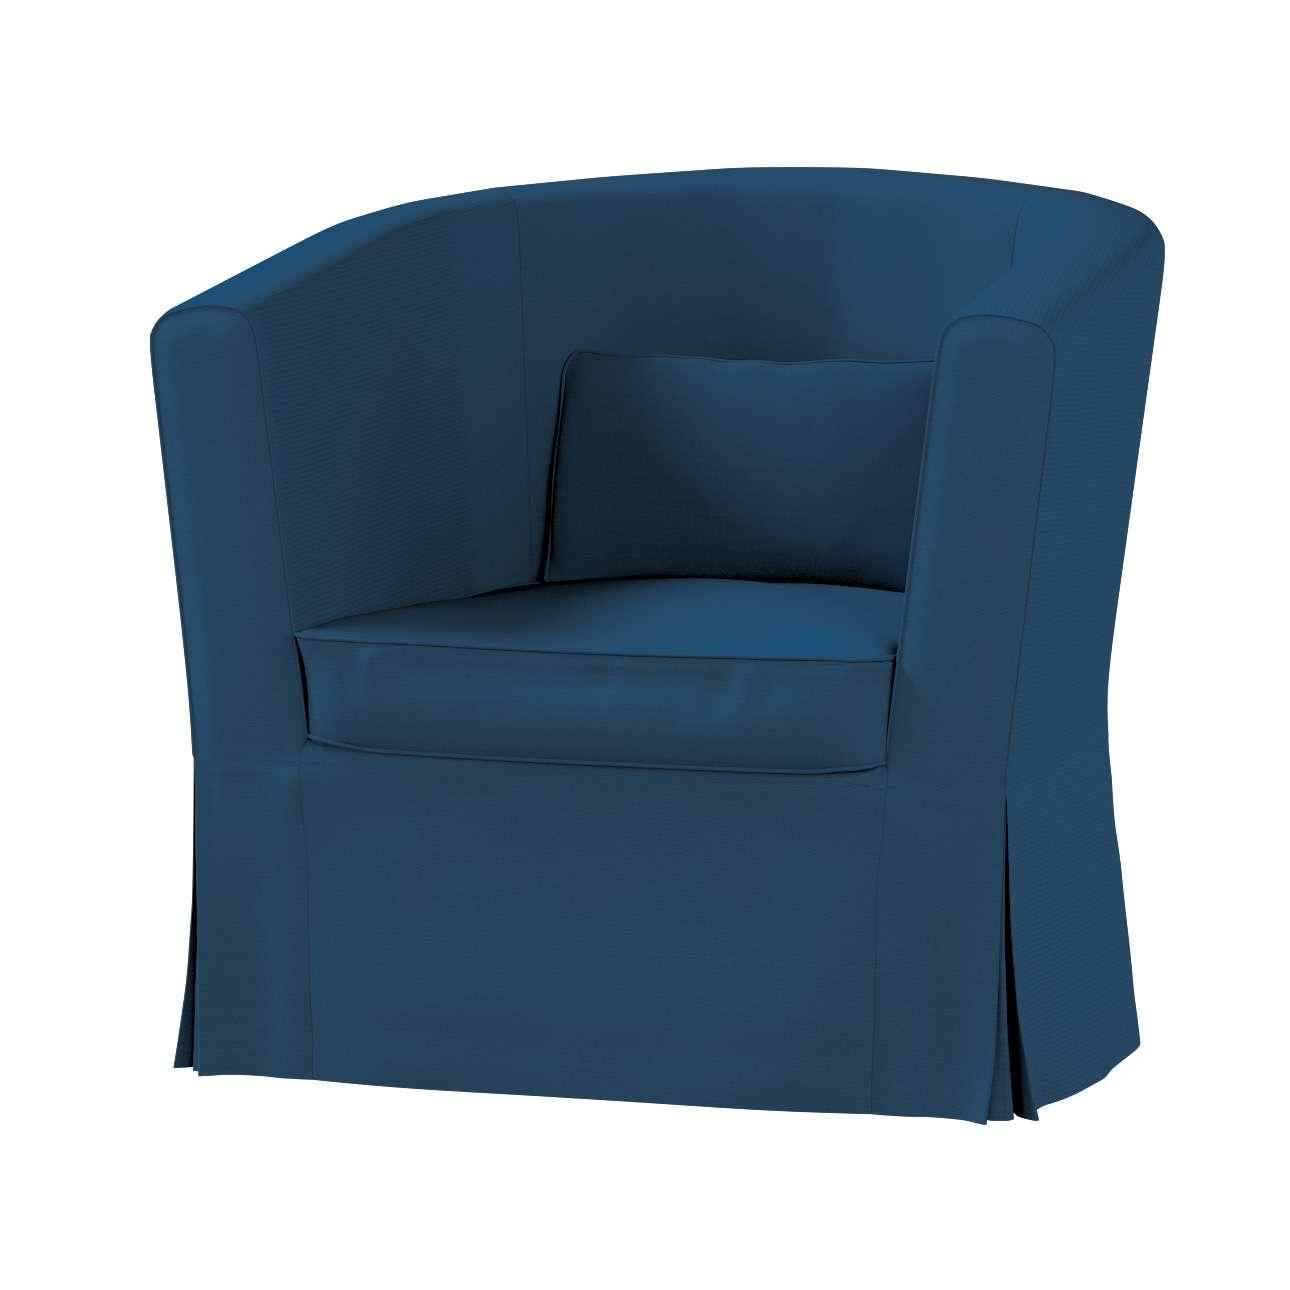 EKTORP TULLSTA fotelio užvalkalas Ektorp Tullsta fotelio užvalkalas kolekcijoje Cotton Panama, audinys: 702-30